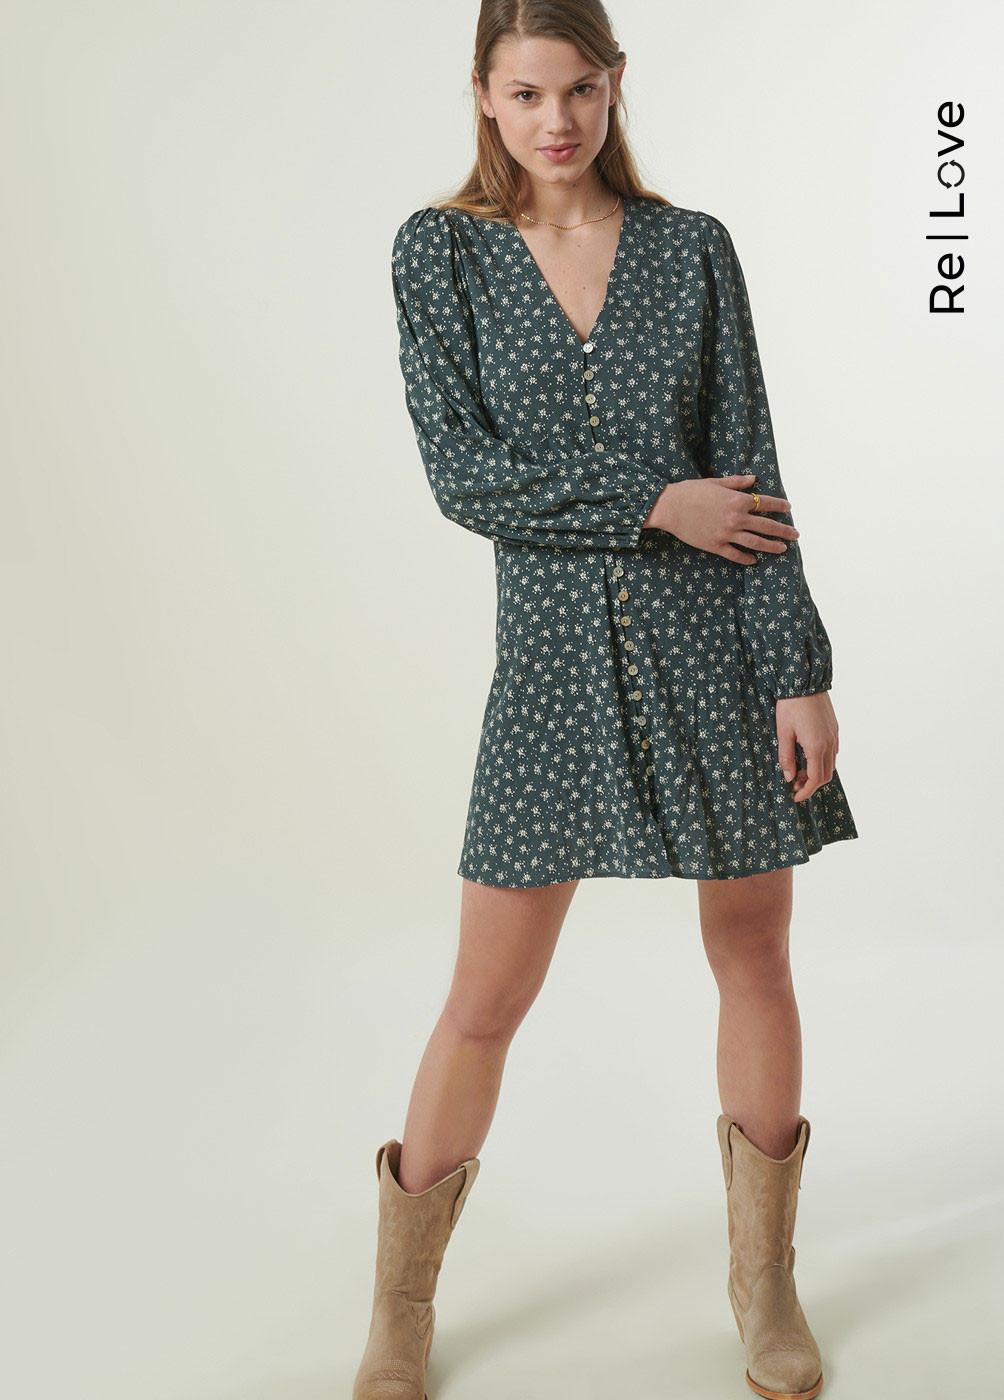 ADRI FLORAL PRINT BUTTON-FRONT DRESS